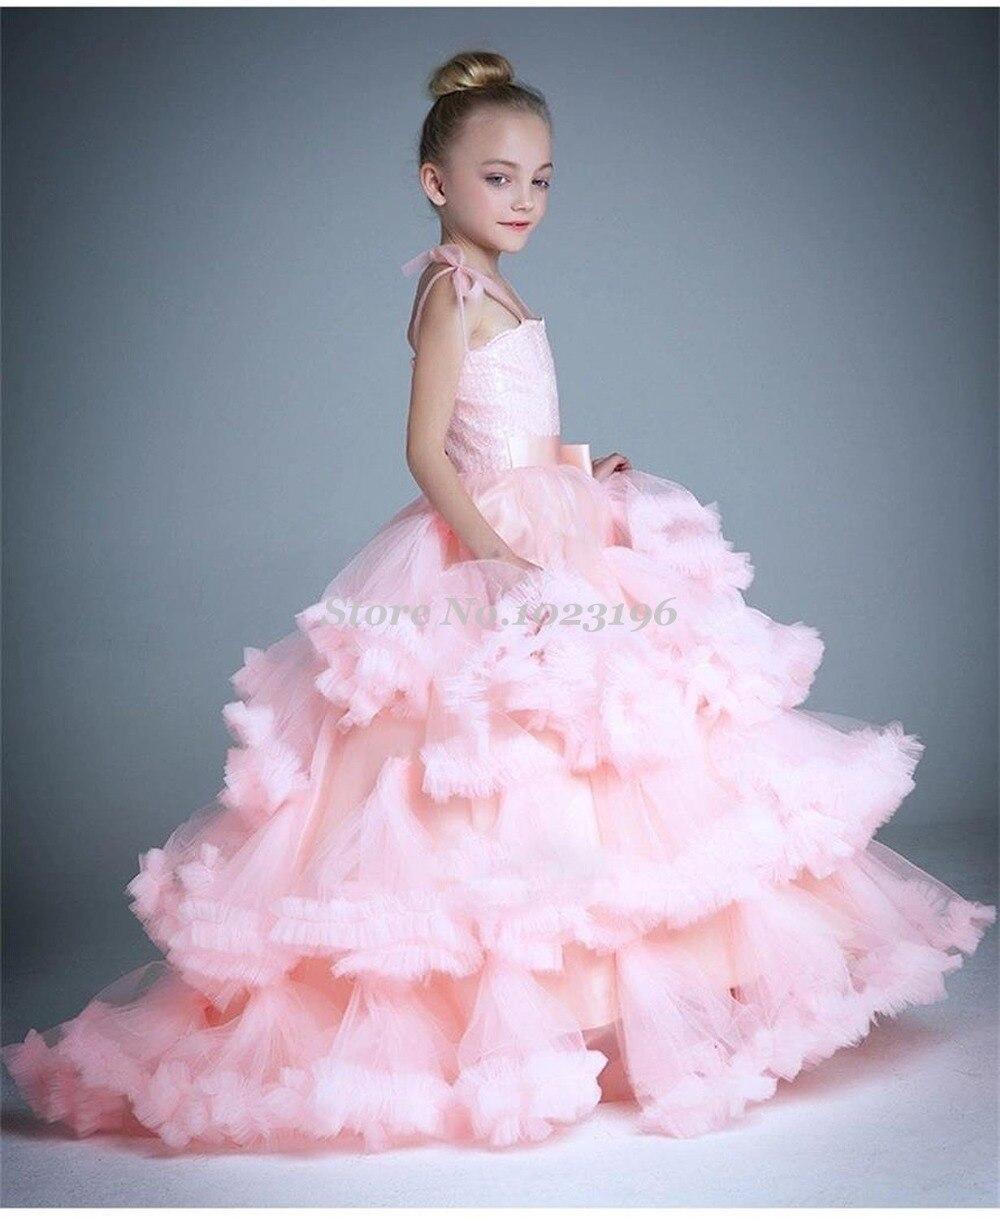 Cloud little flower girls dresses for weddings baby party for Baby dresses for weddings